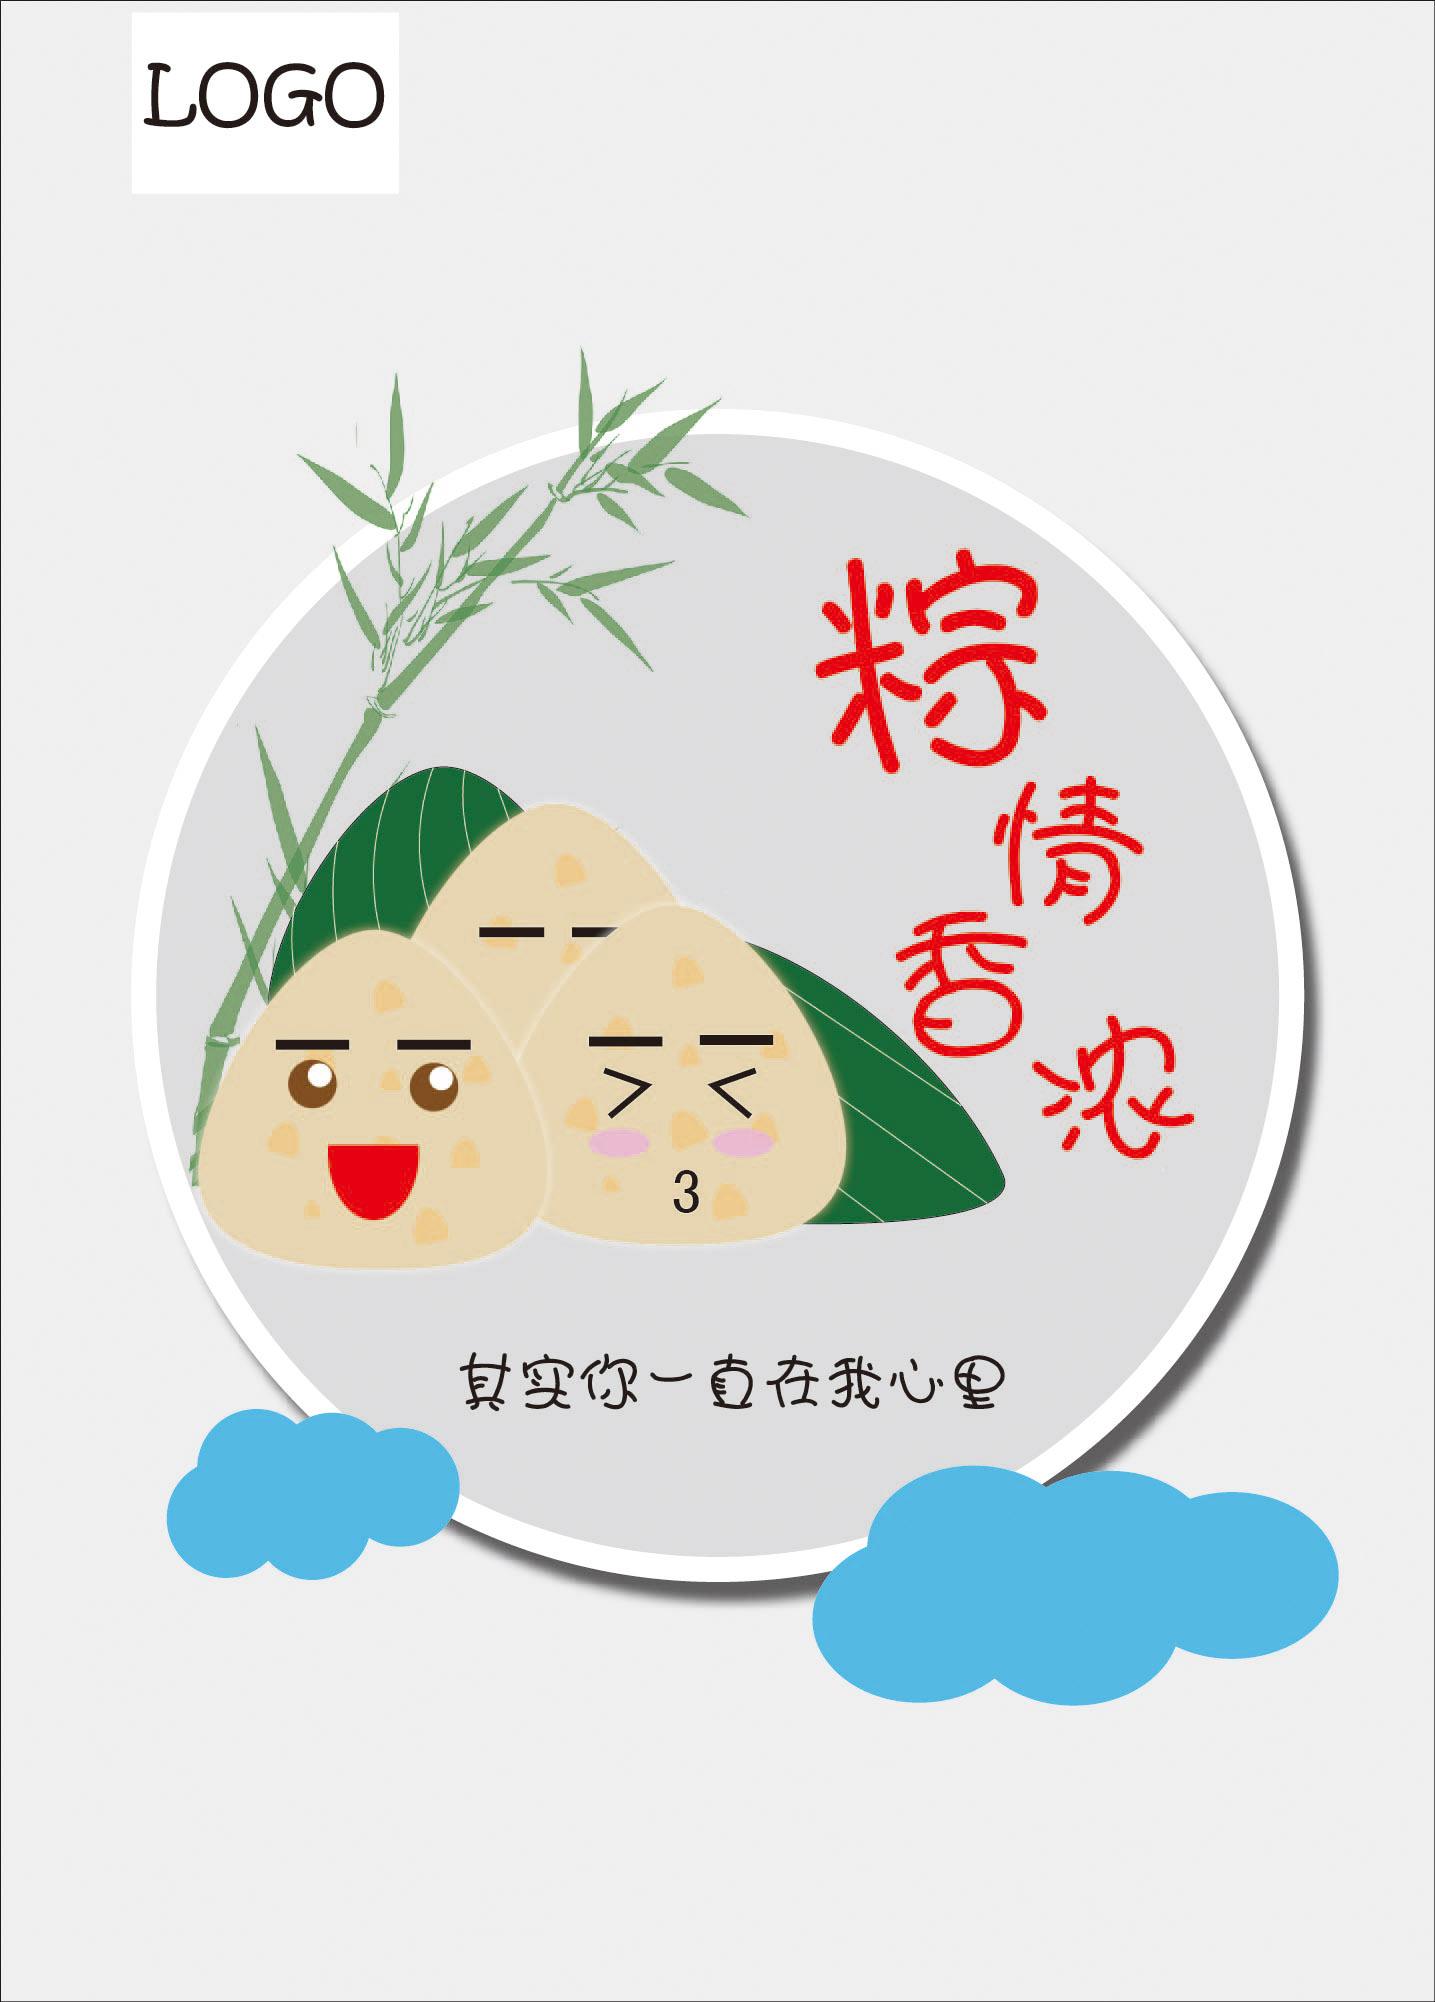 端午节卡通粽子插画海报图片